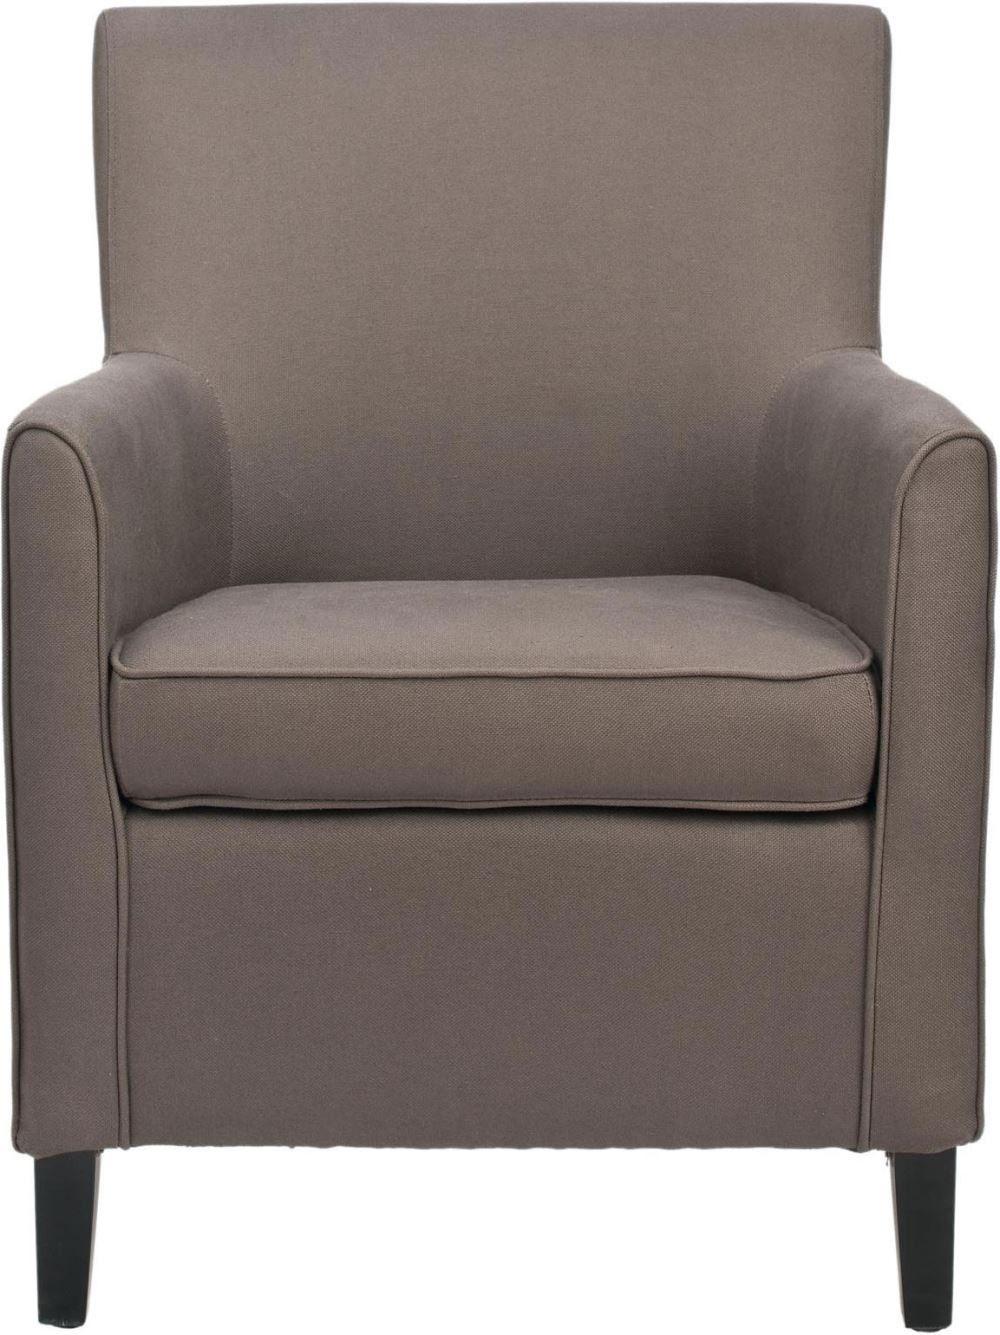 Safavieh Levi Brown Club Chair